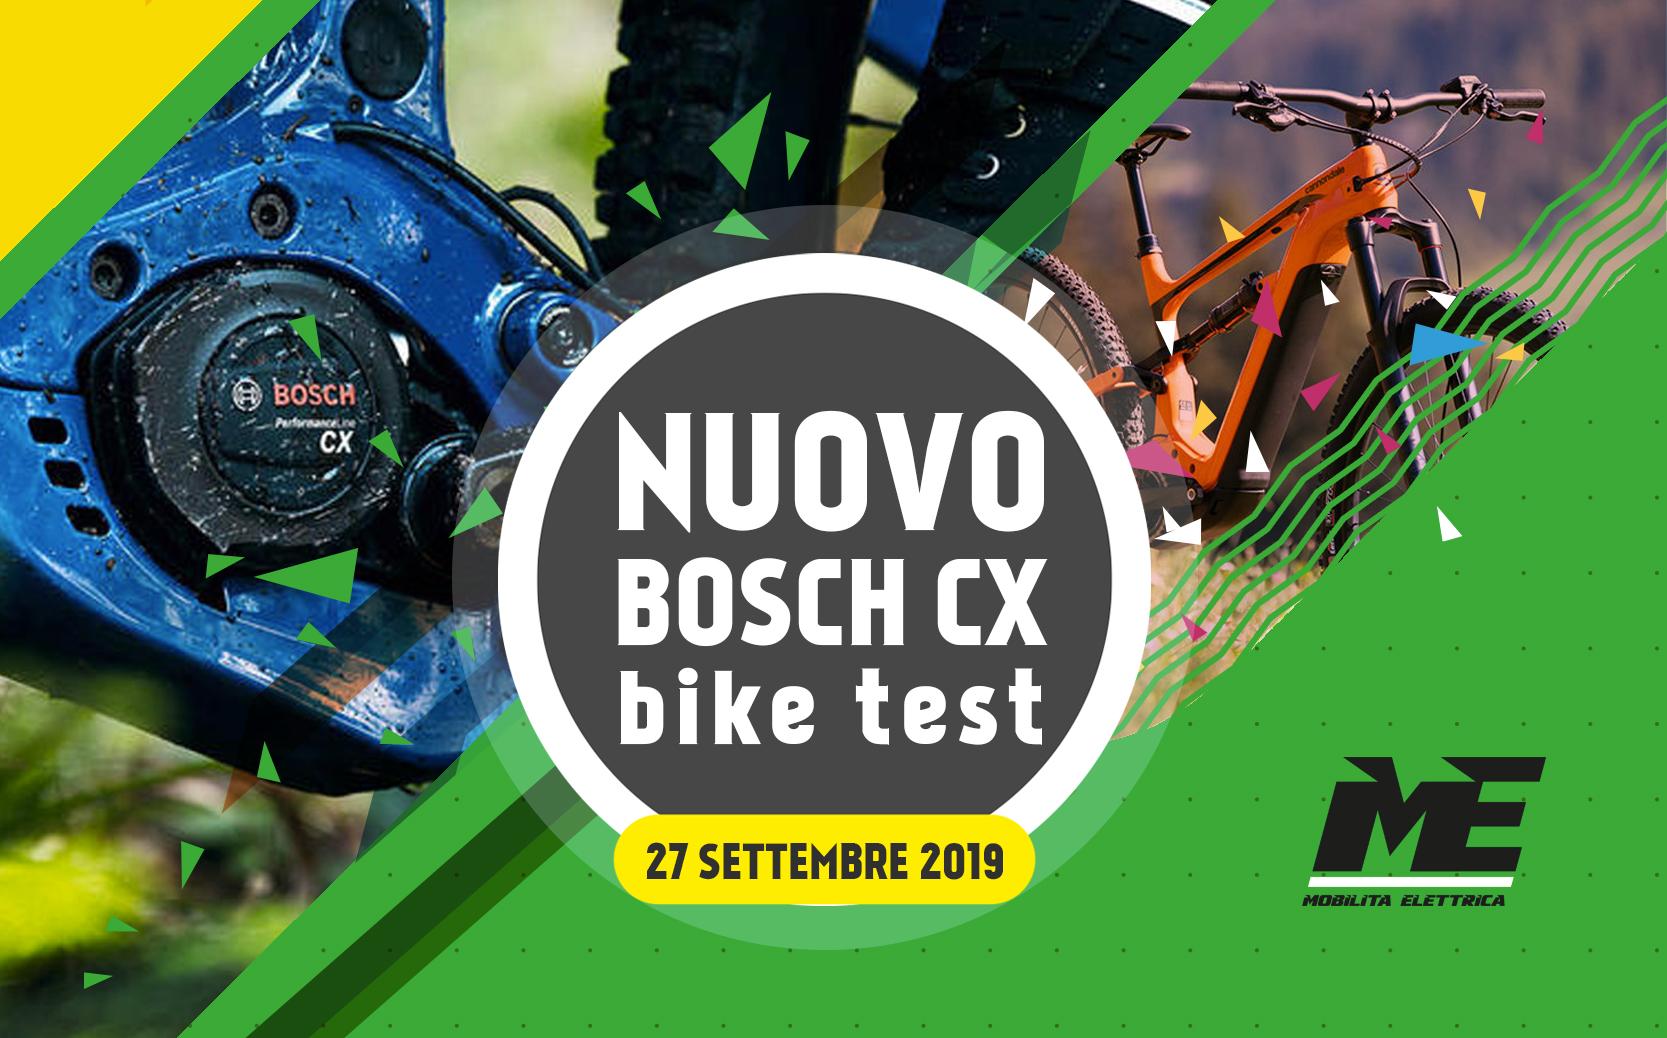 Ebike test nuovo bosch cx 27 settembre